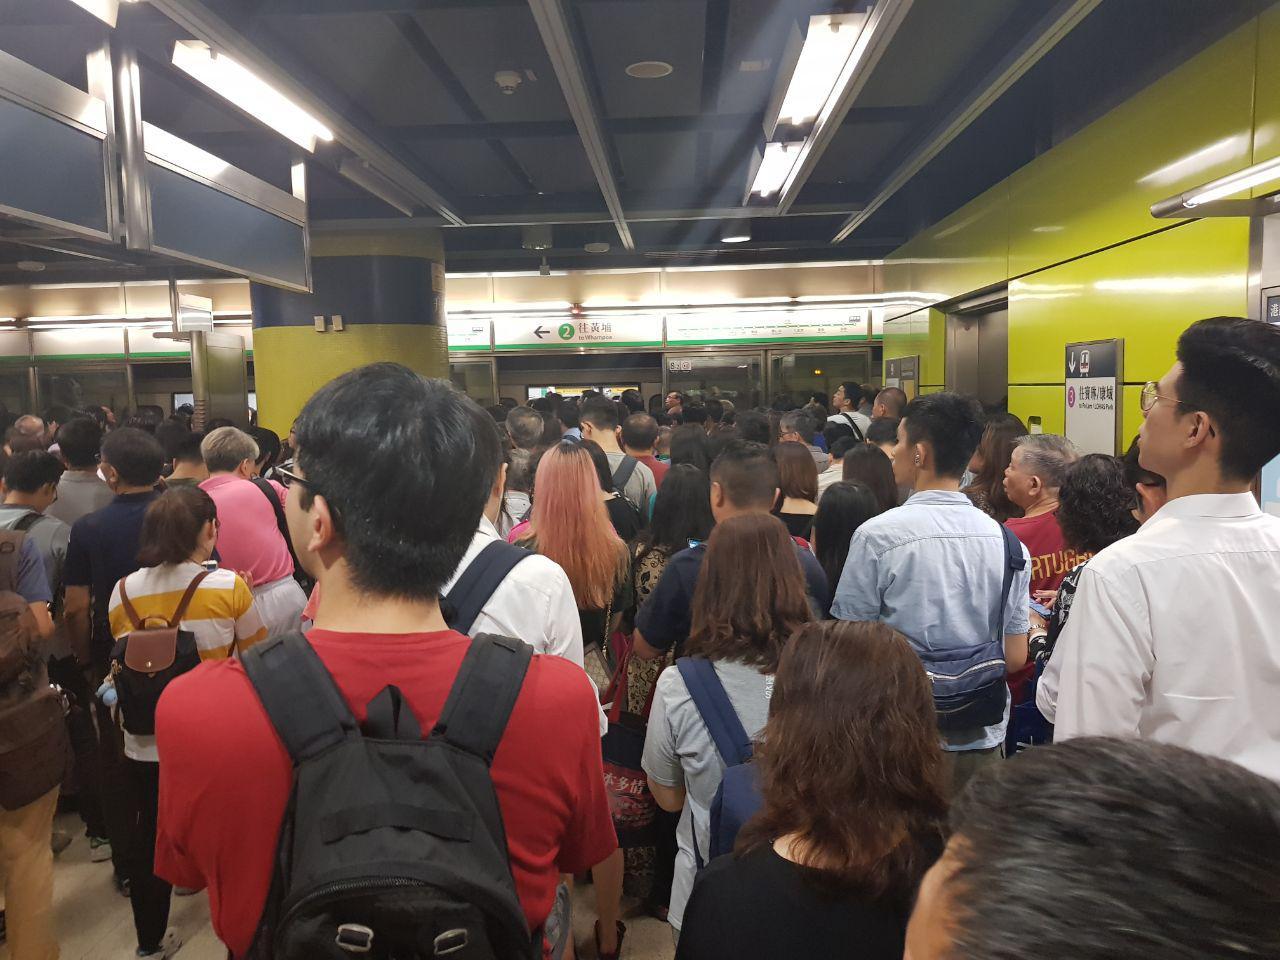 7月30日調景嶺站內,學生和市民堵住列車車門,三條線路至少癱瘓3、4個小時。(駱亞/大紀元)